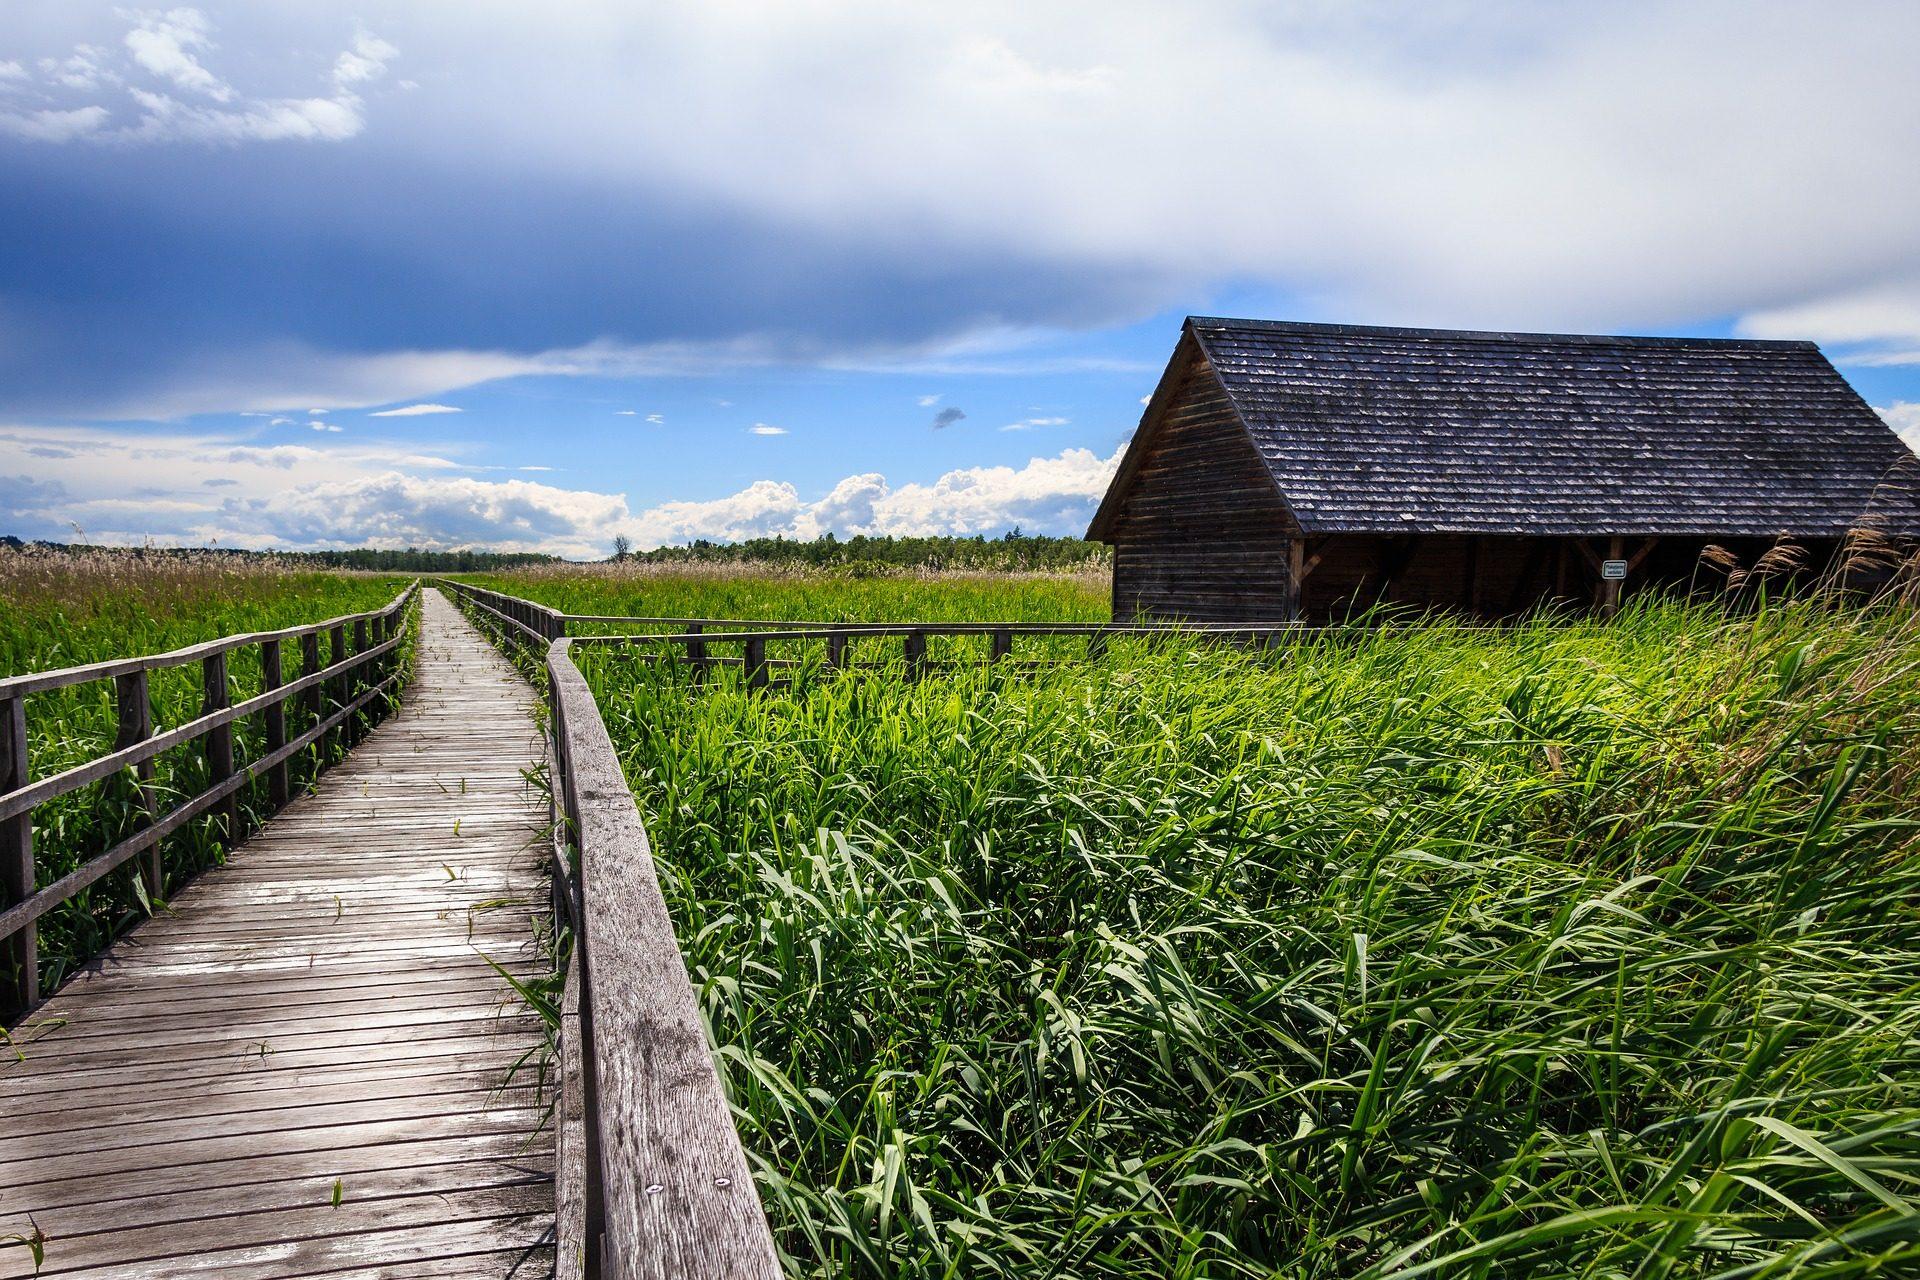 Strada, pasaje, passaggio, Casa, vegetazione, Cielo, nuvole, nuvoloso - Sfondi HD - Professor-falken.com